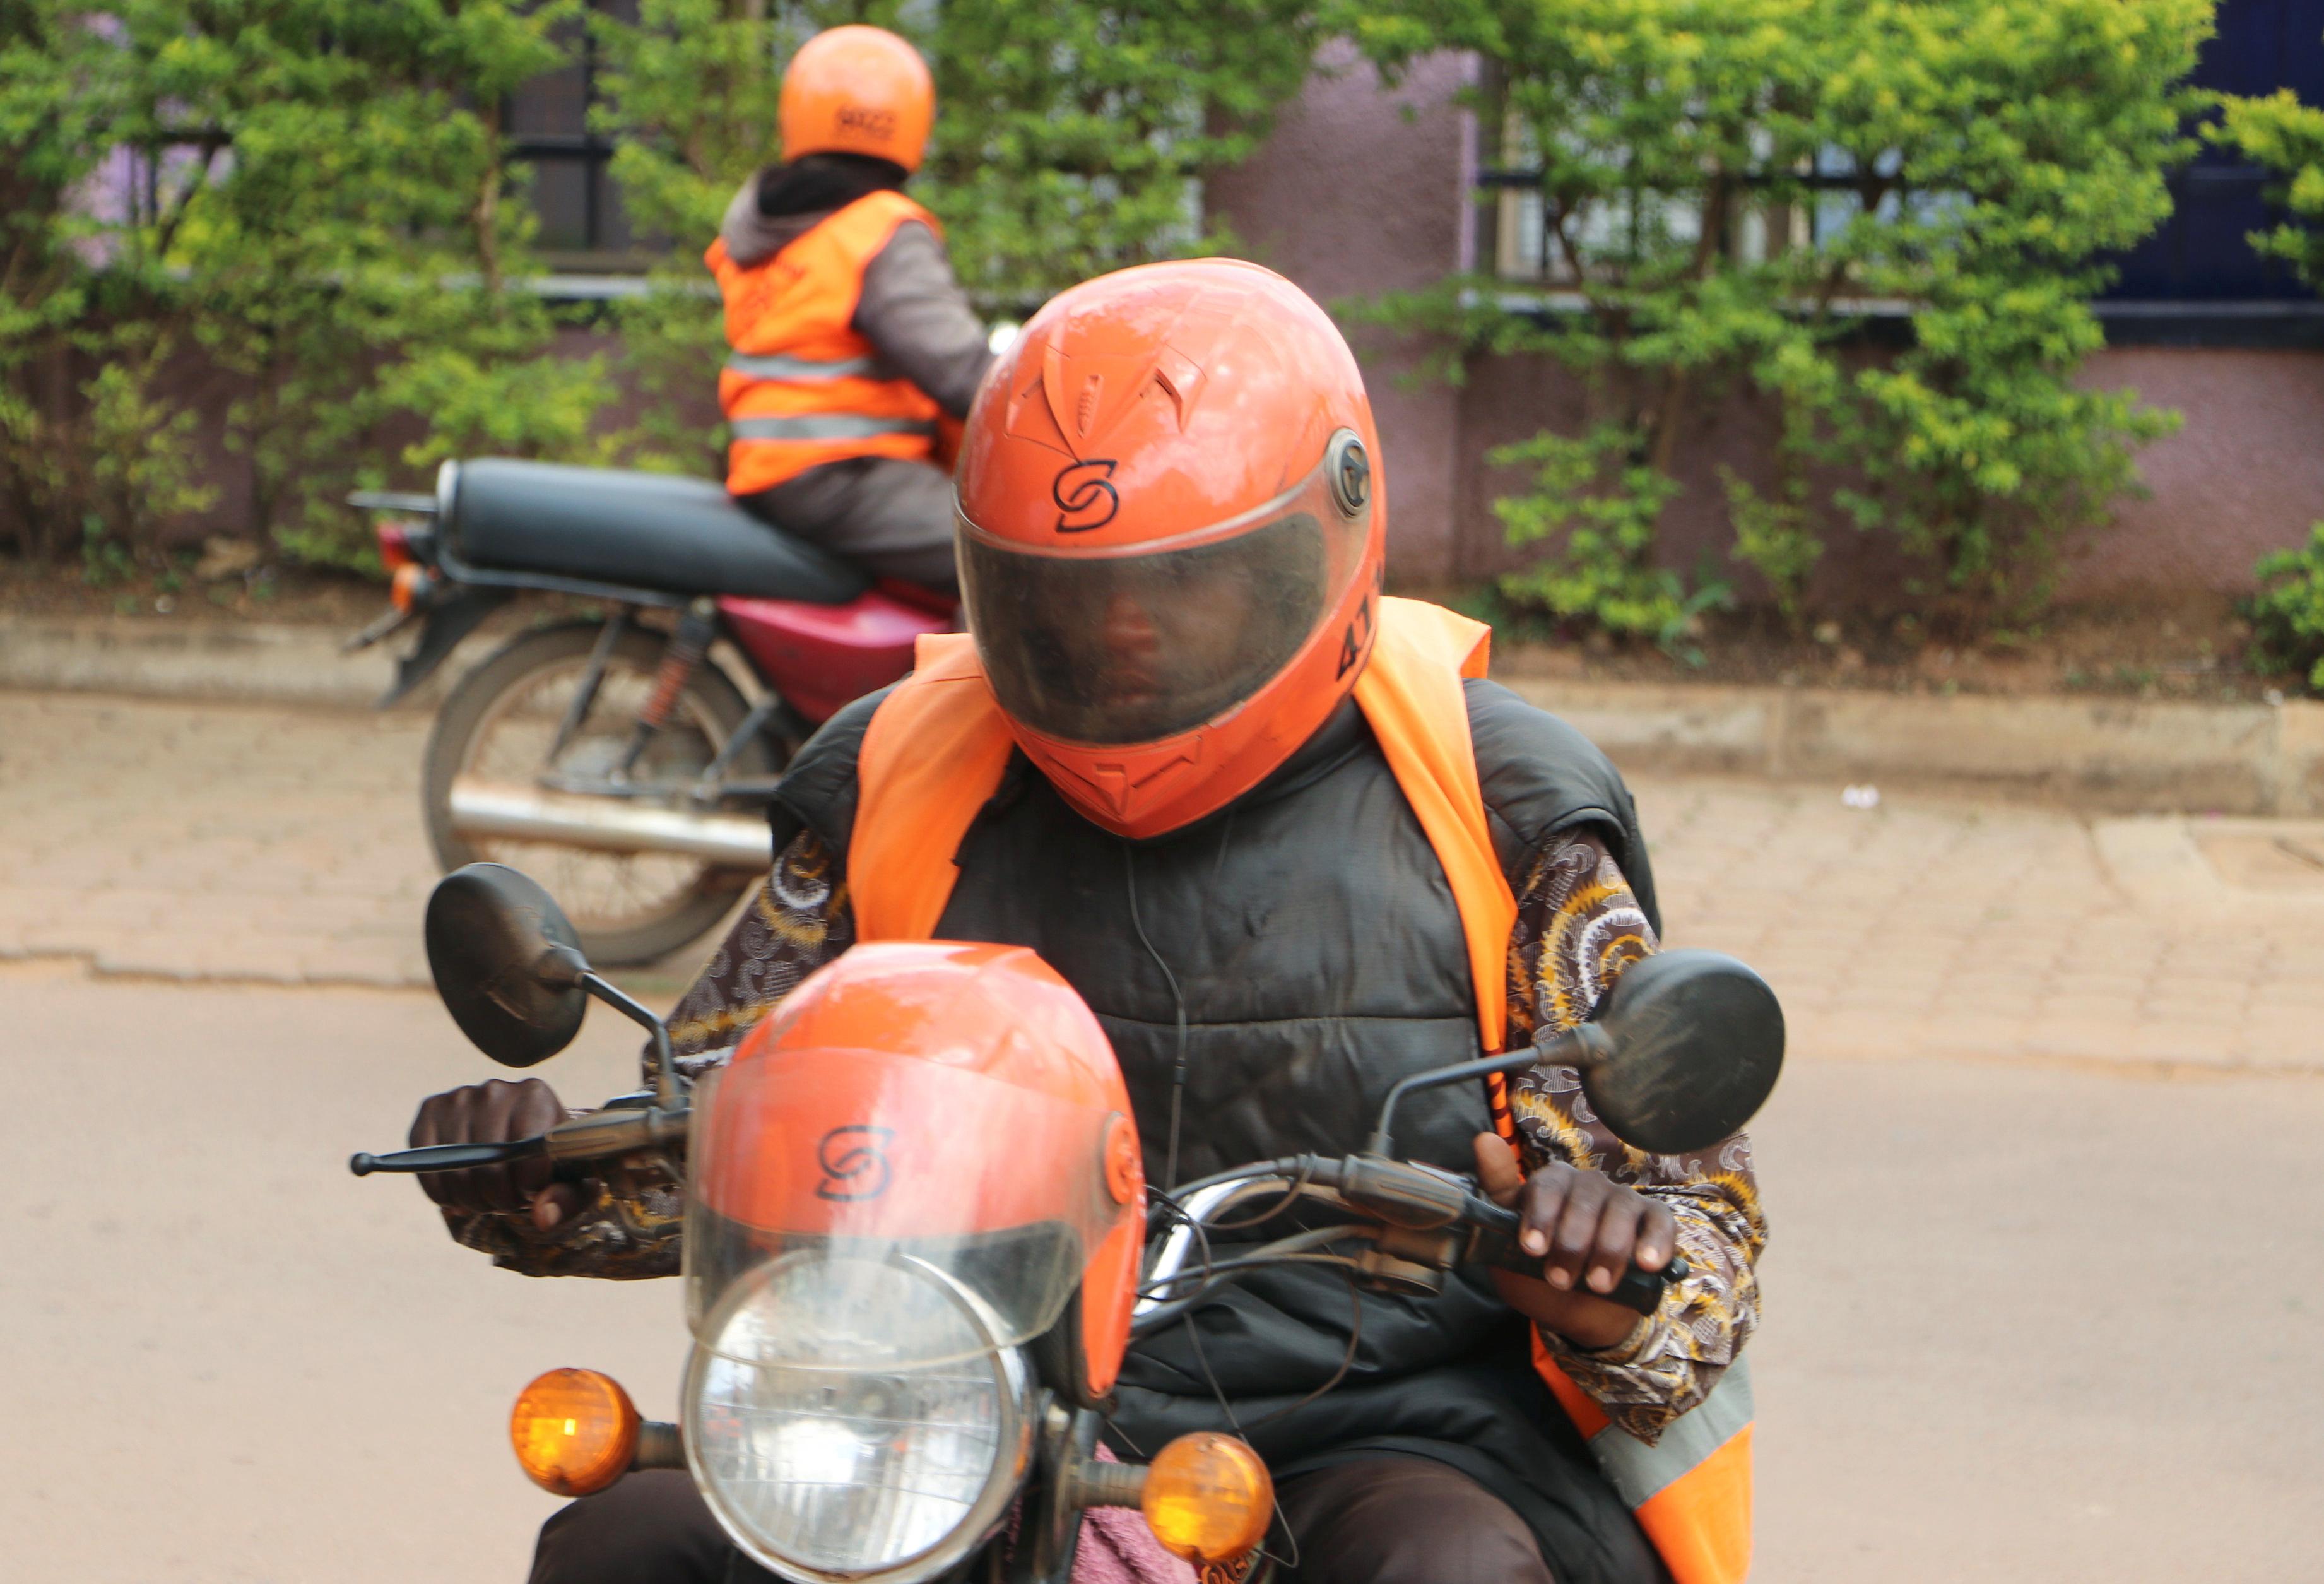 Gokada, Oride, Max, Safeboda to pay Lagos 25 million naira licensing fees annually